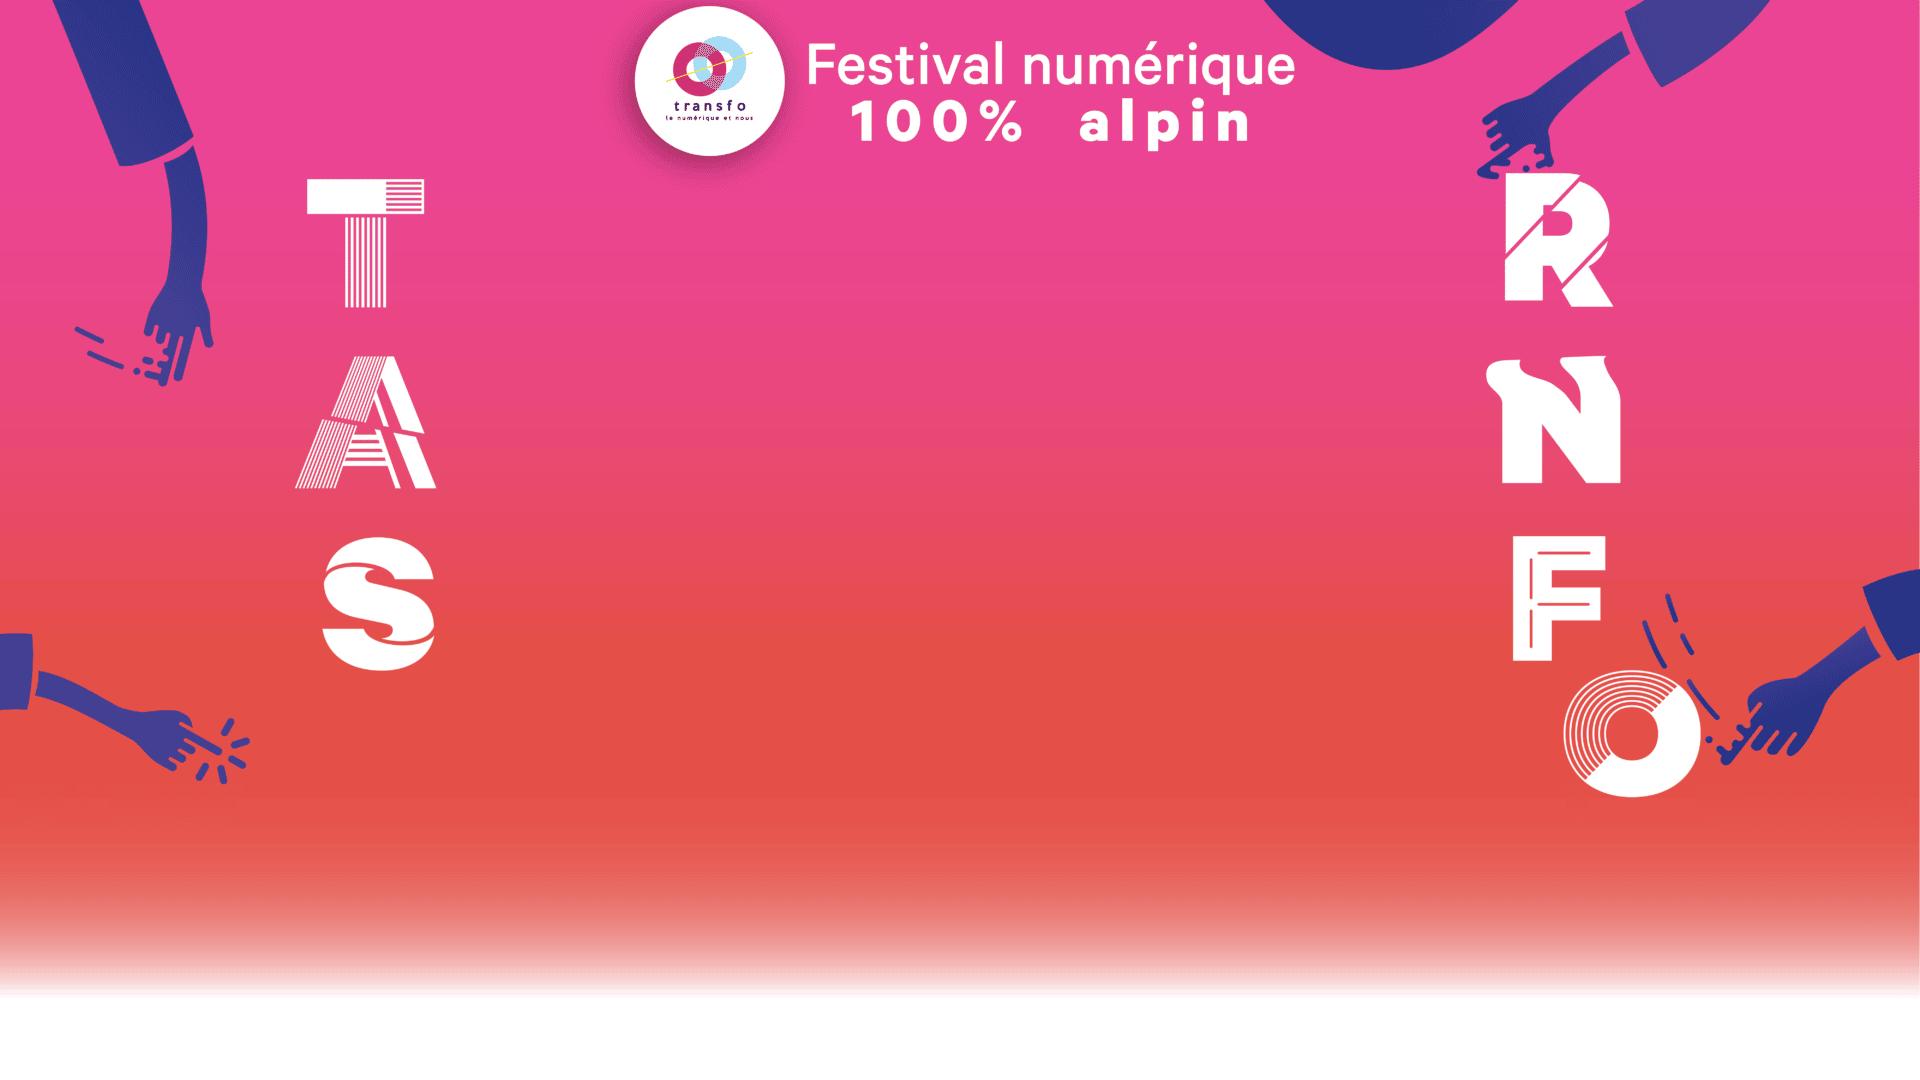 Transfo festival numérique 100% alpin